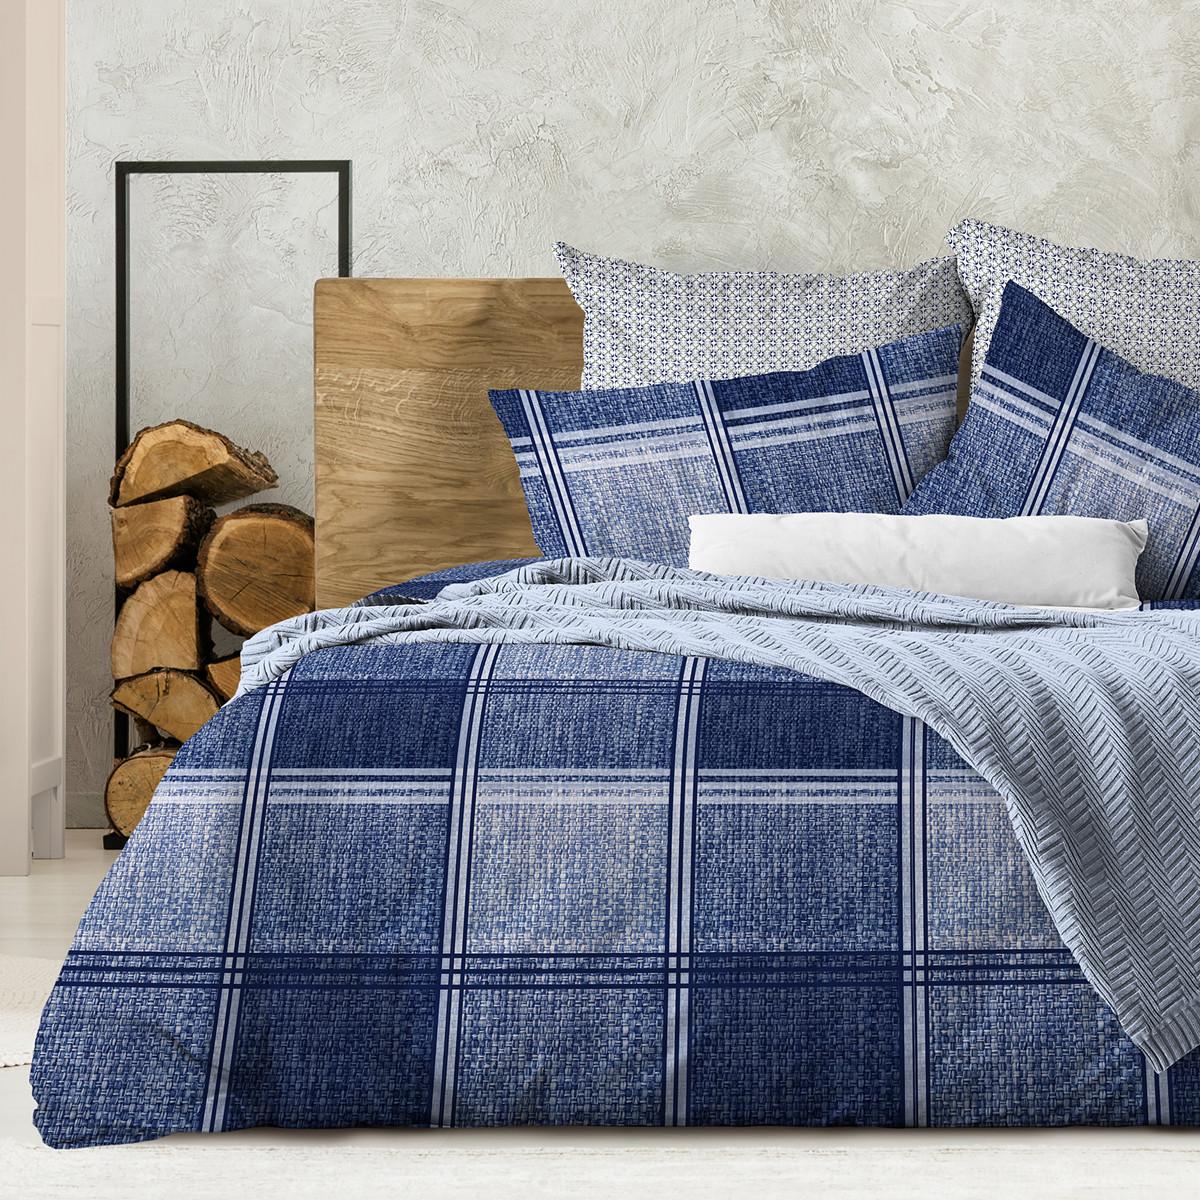 Wenge Комплект постельного белья Tweed,  WENGE, 2 спальный евро (наволочки 70х70),